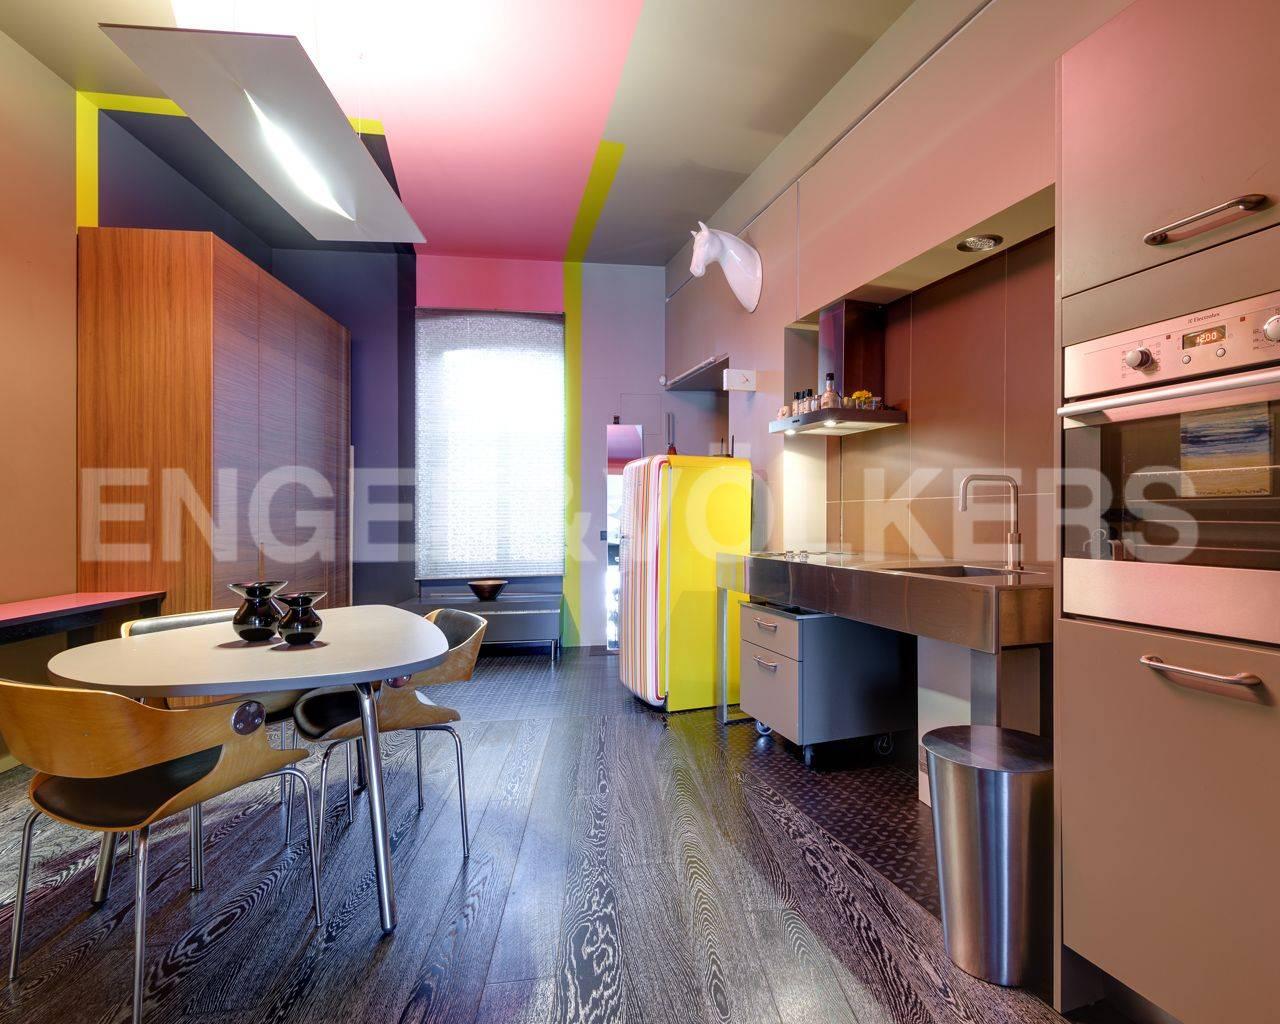 Элитные квартиры в Центральном районе. Санкт-Петербург, Наб. реки Мойки, 84. Кухня-столовая